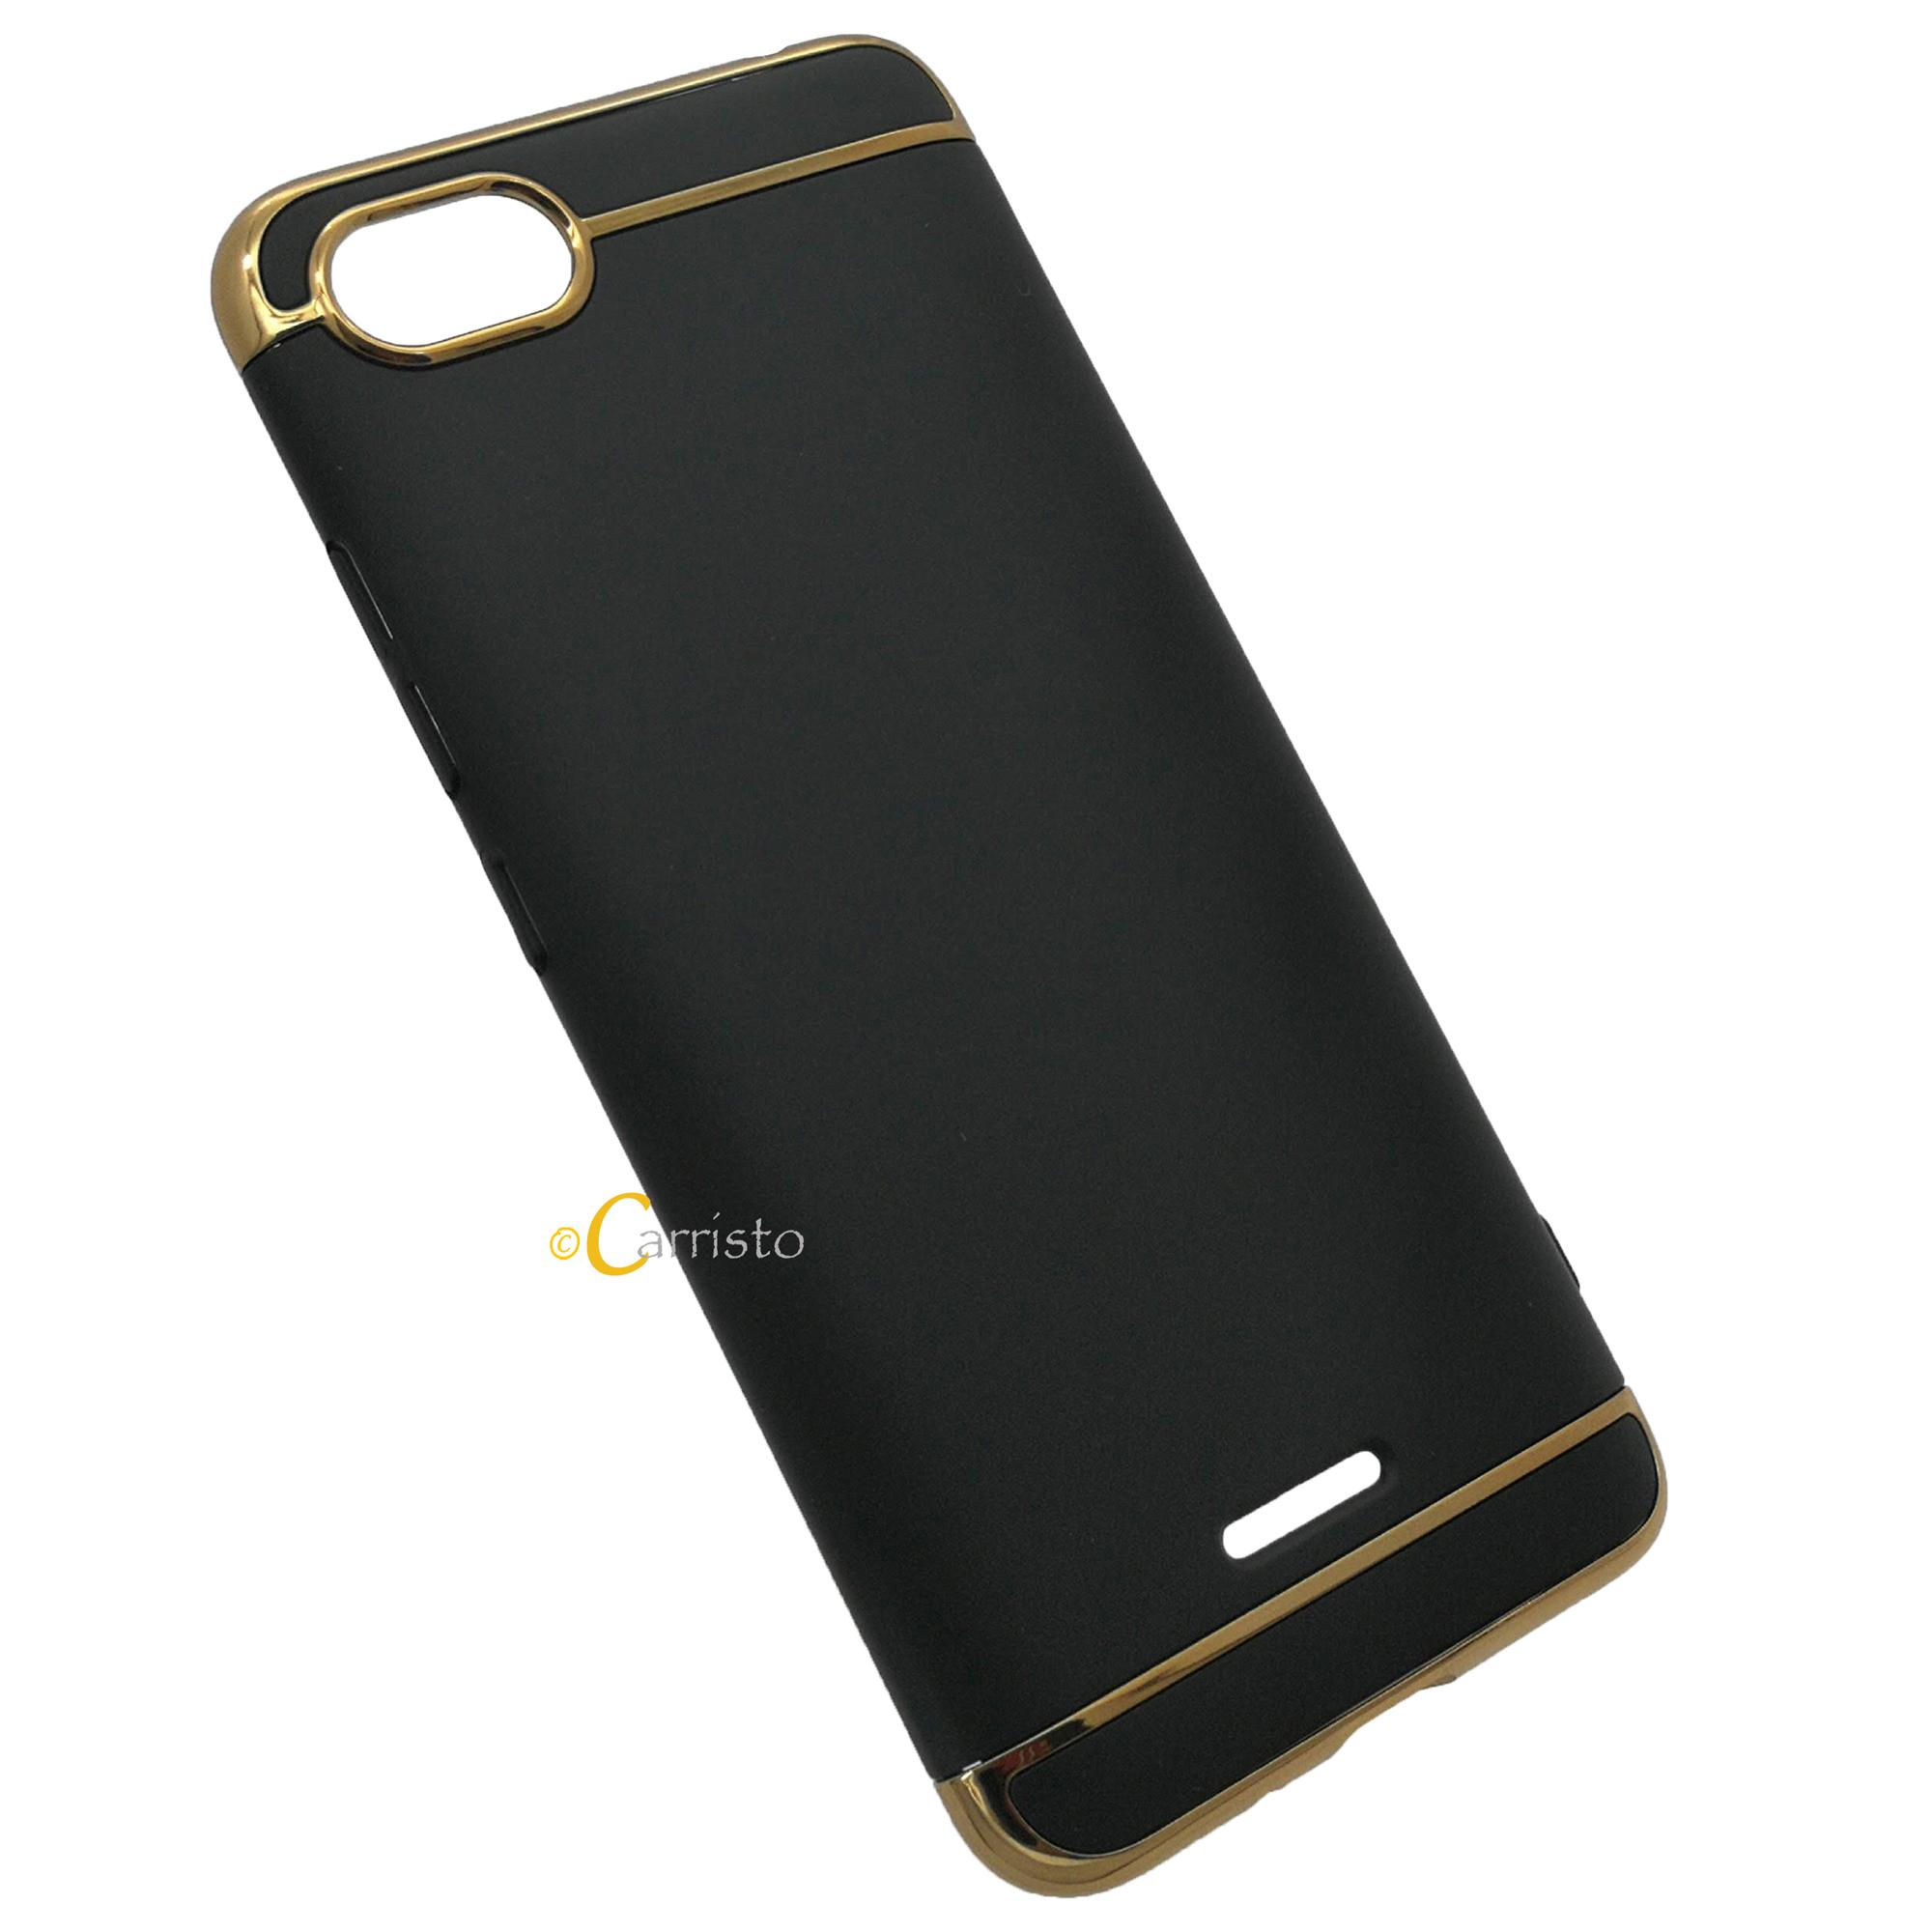 new arrival 439d4 51562 Xiaomi Redmi 6 Redmi 6A Hard Case Cover Casing Housing